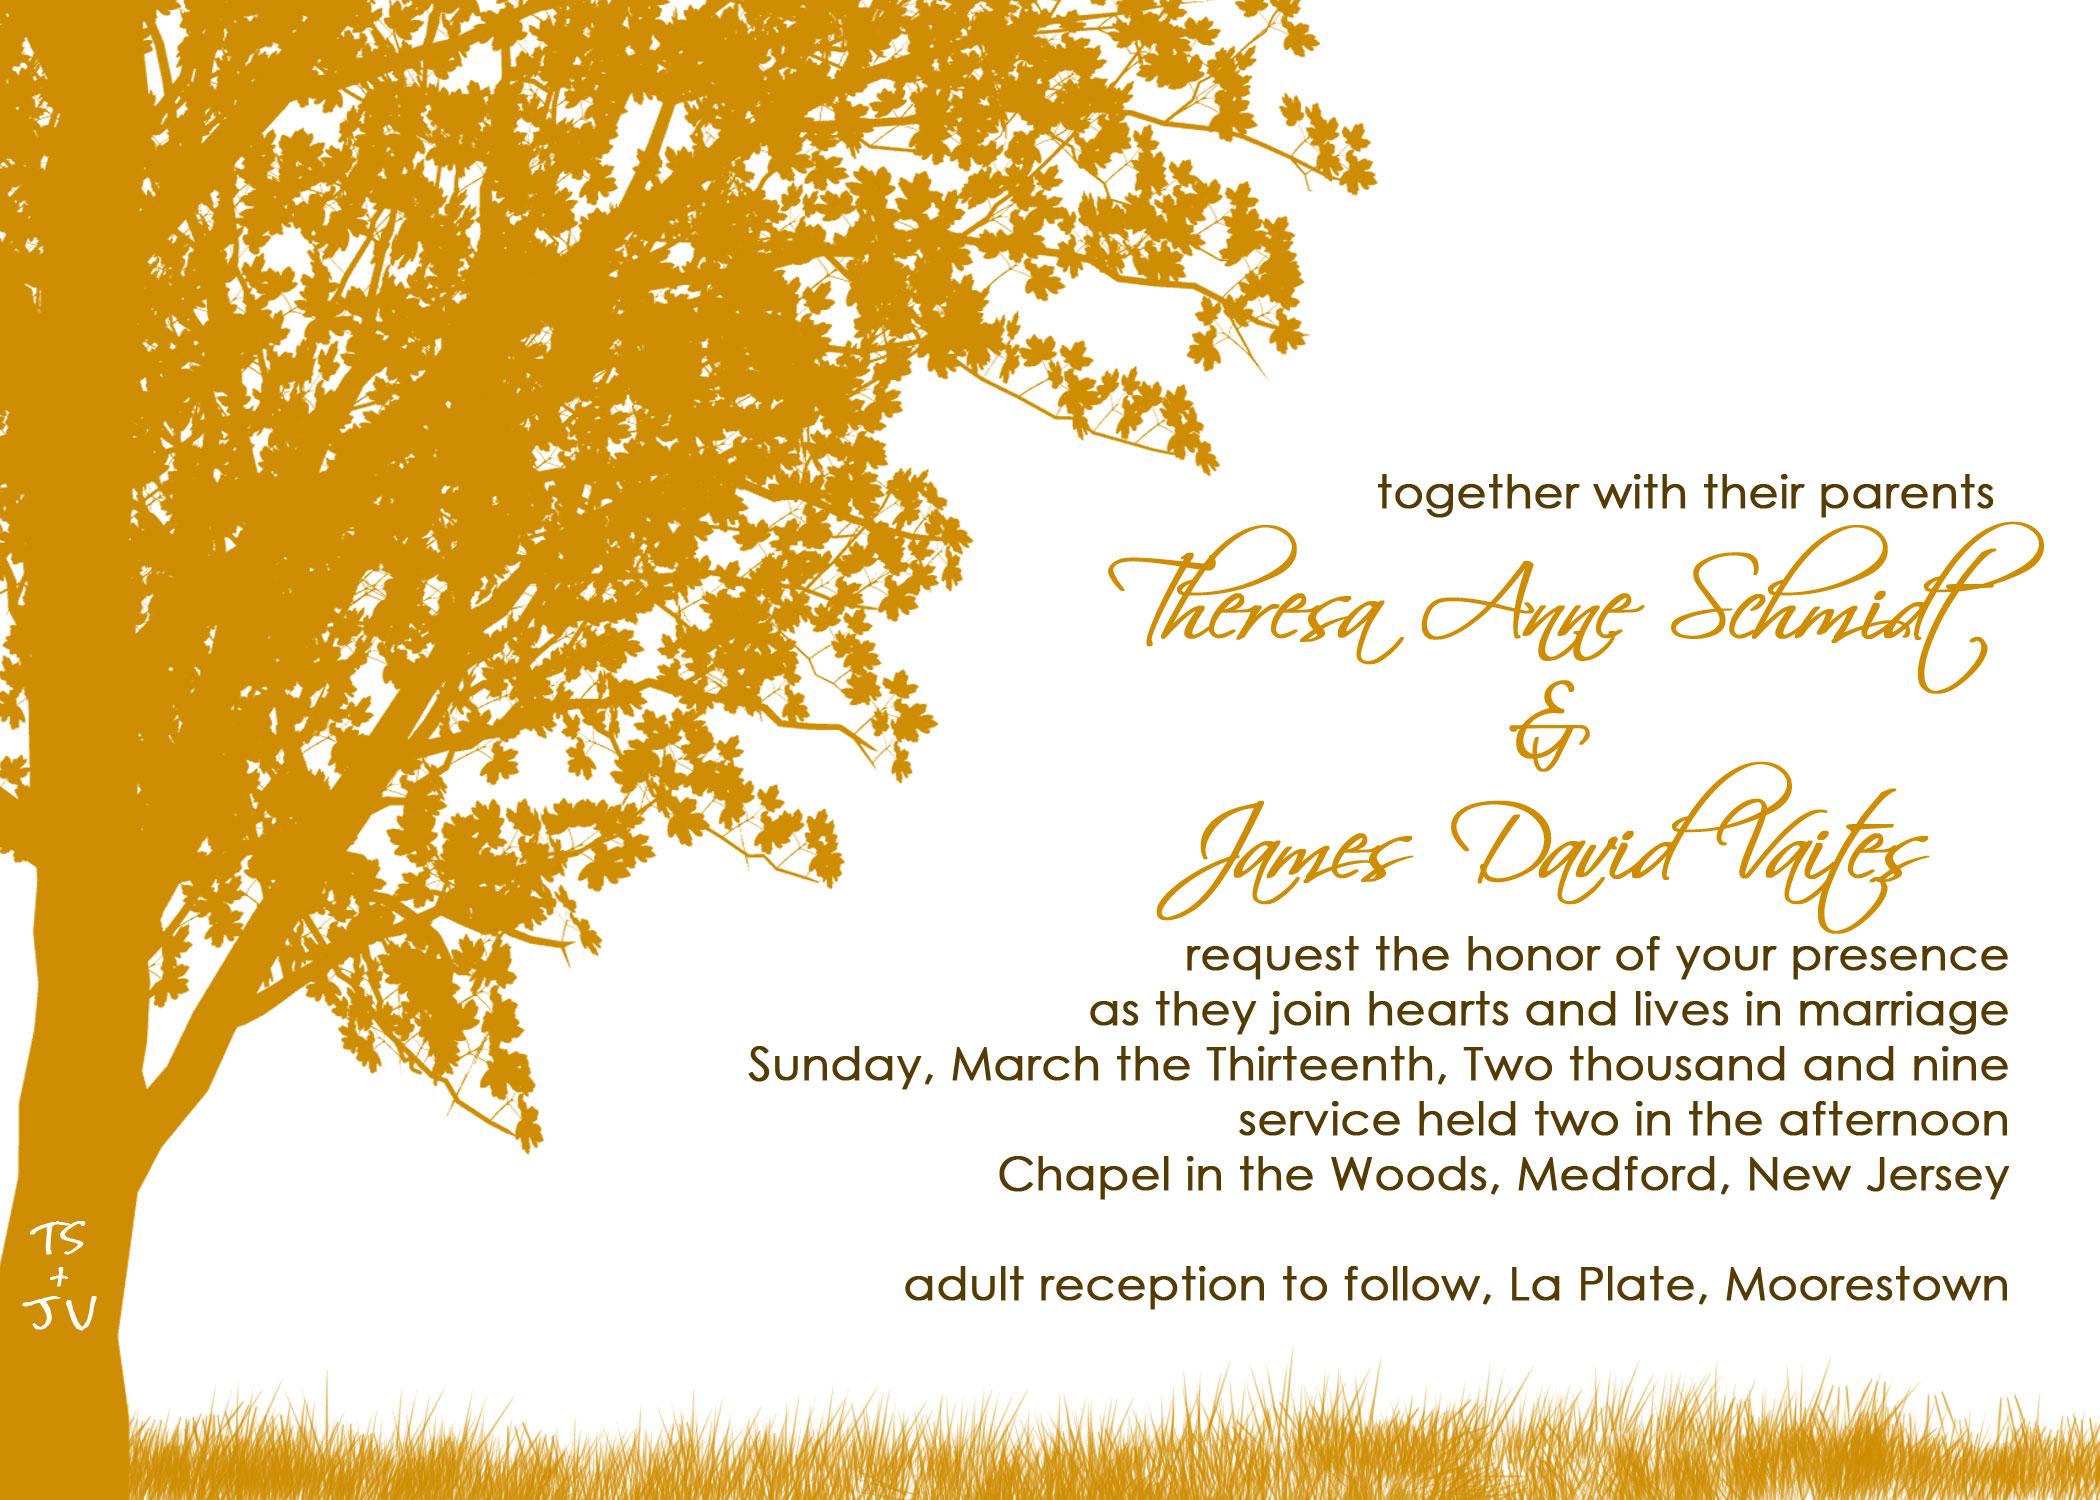 UNIQUE WEDDING INVITATION CARD !!! | Dreamz Events